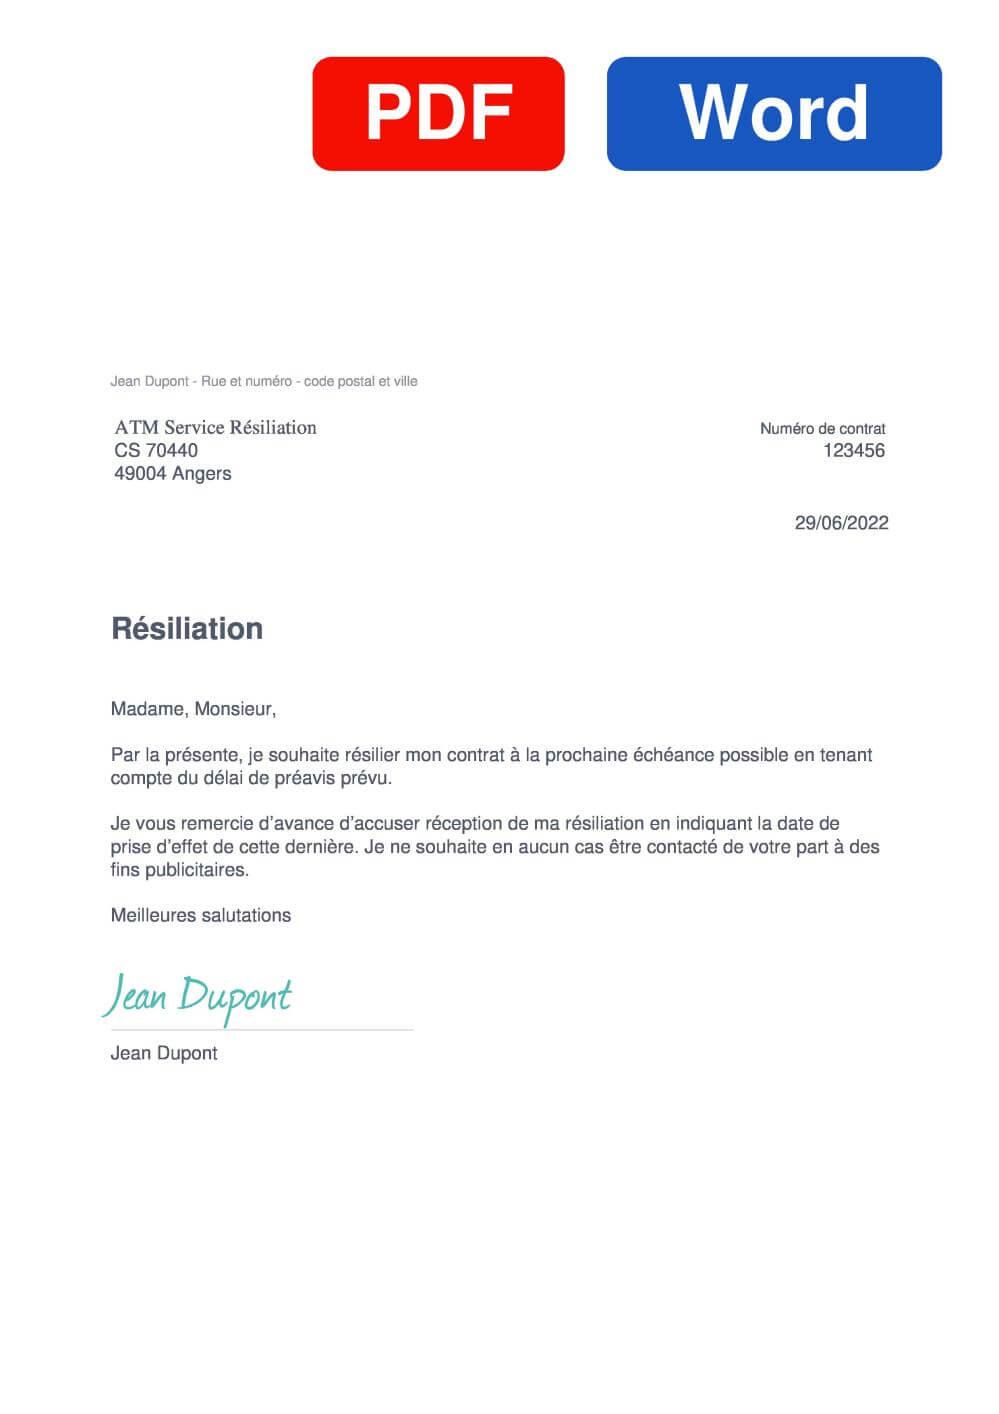 Virgin mobile Assurance Modèle de lettre de résiliation